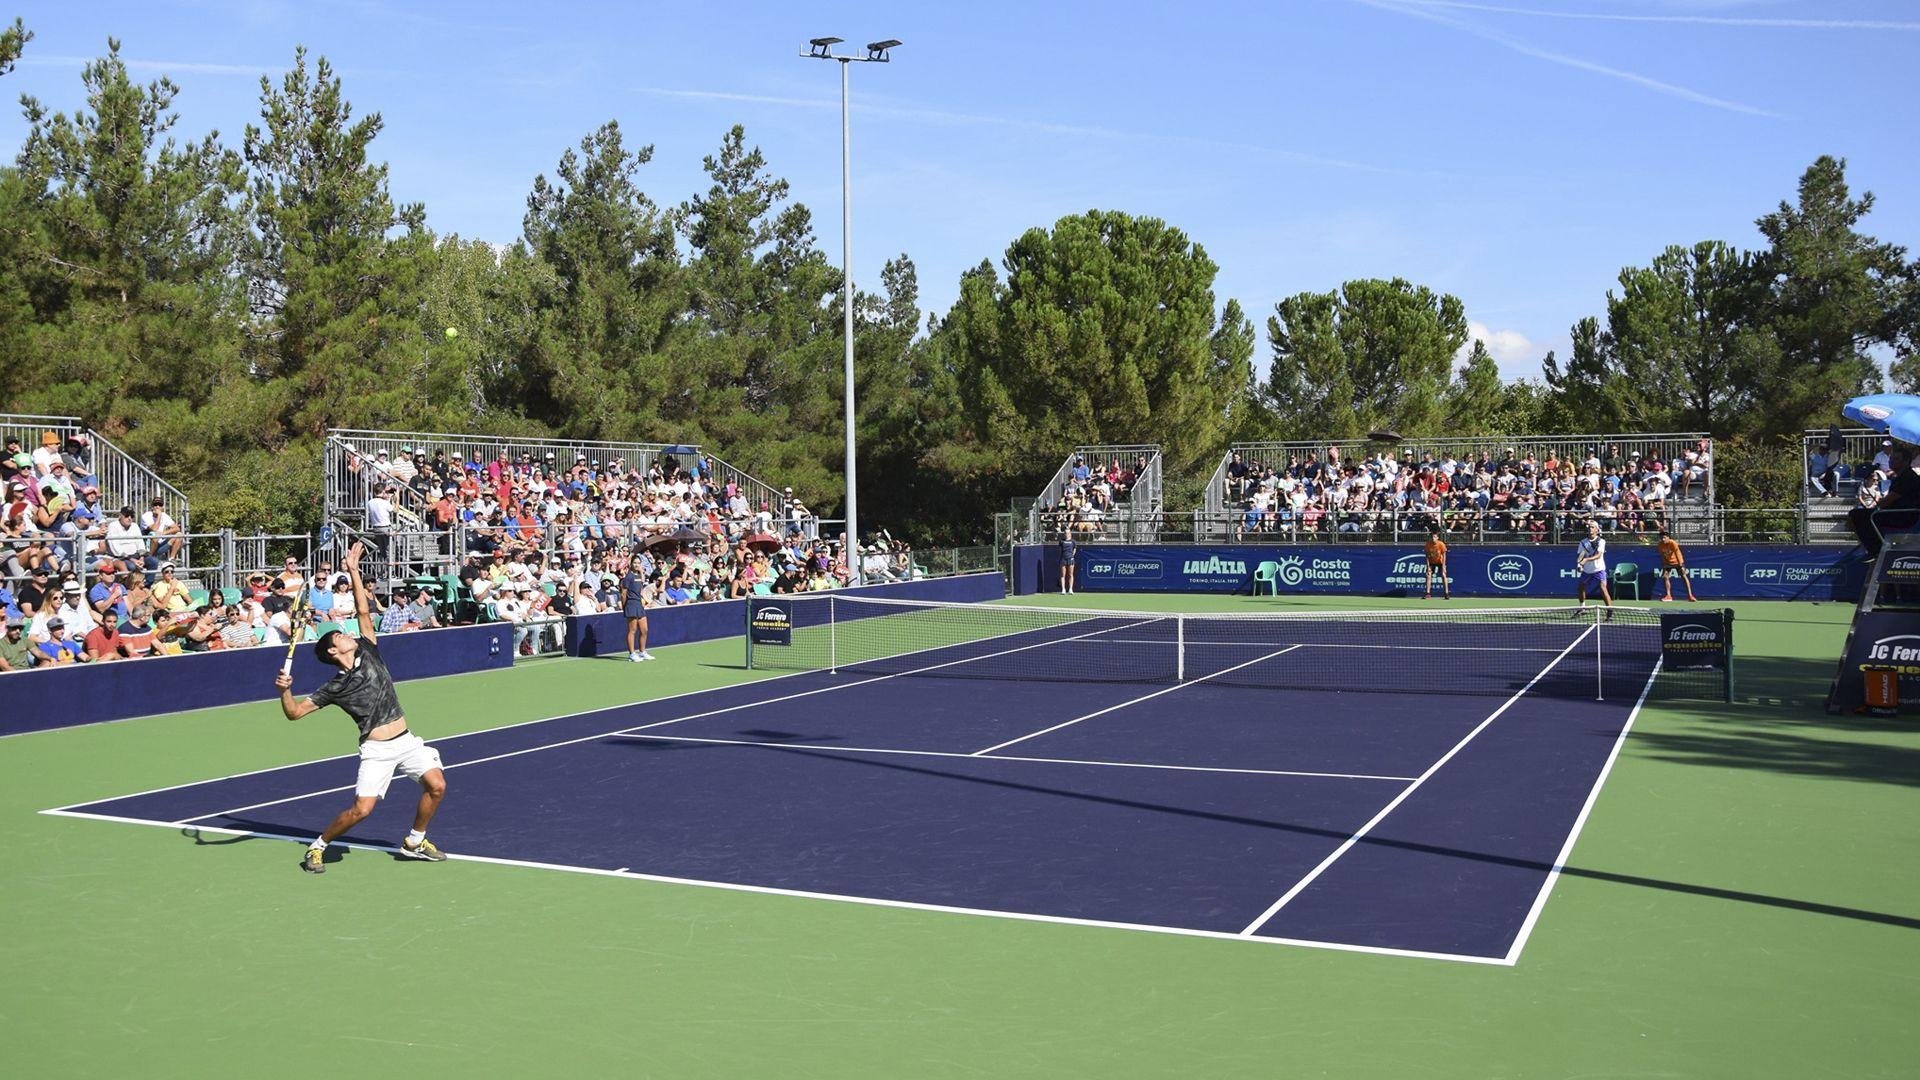 Vlases de tenis para adultos en Villena